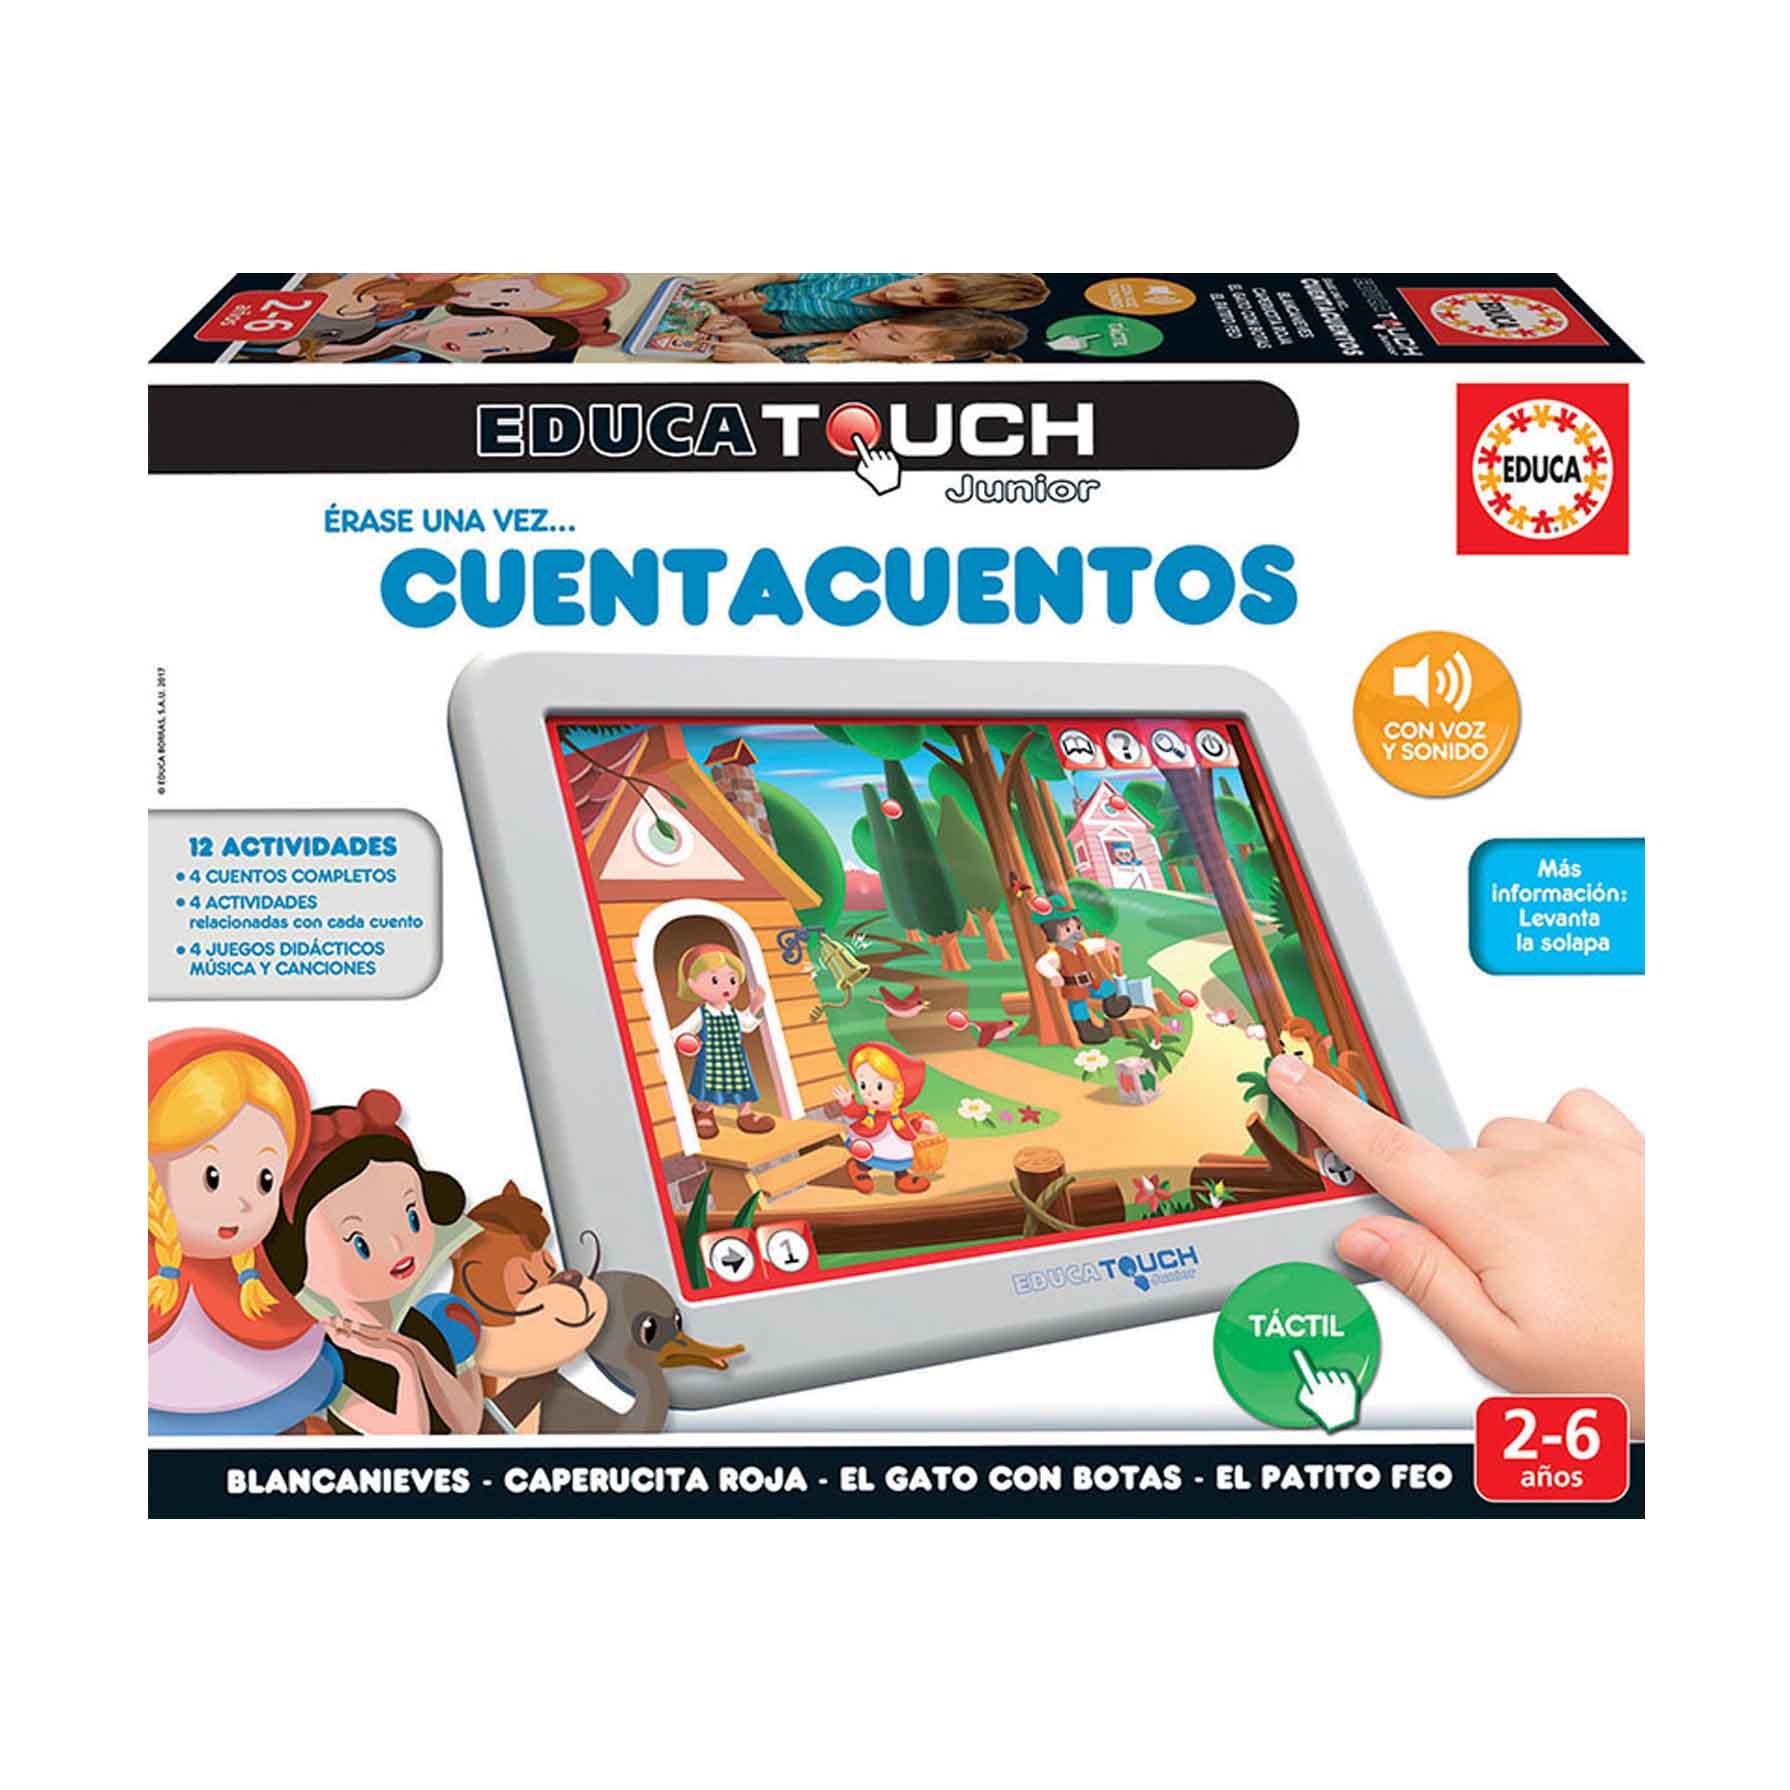 Educa Touch Junior Erase una vez Cuenta Cuentos